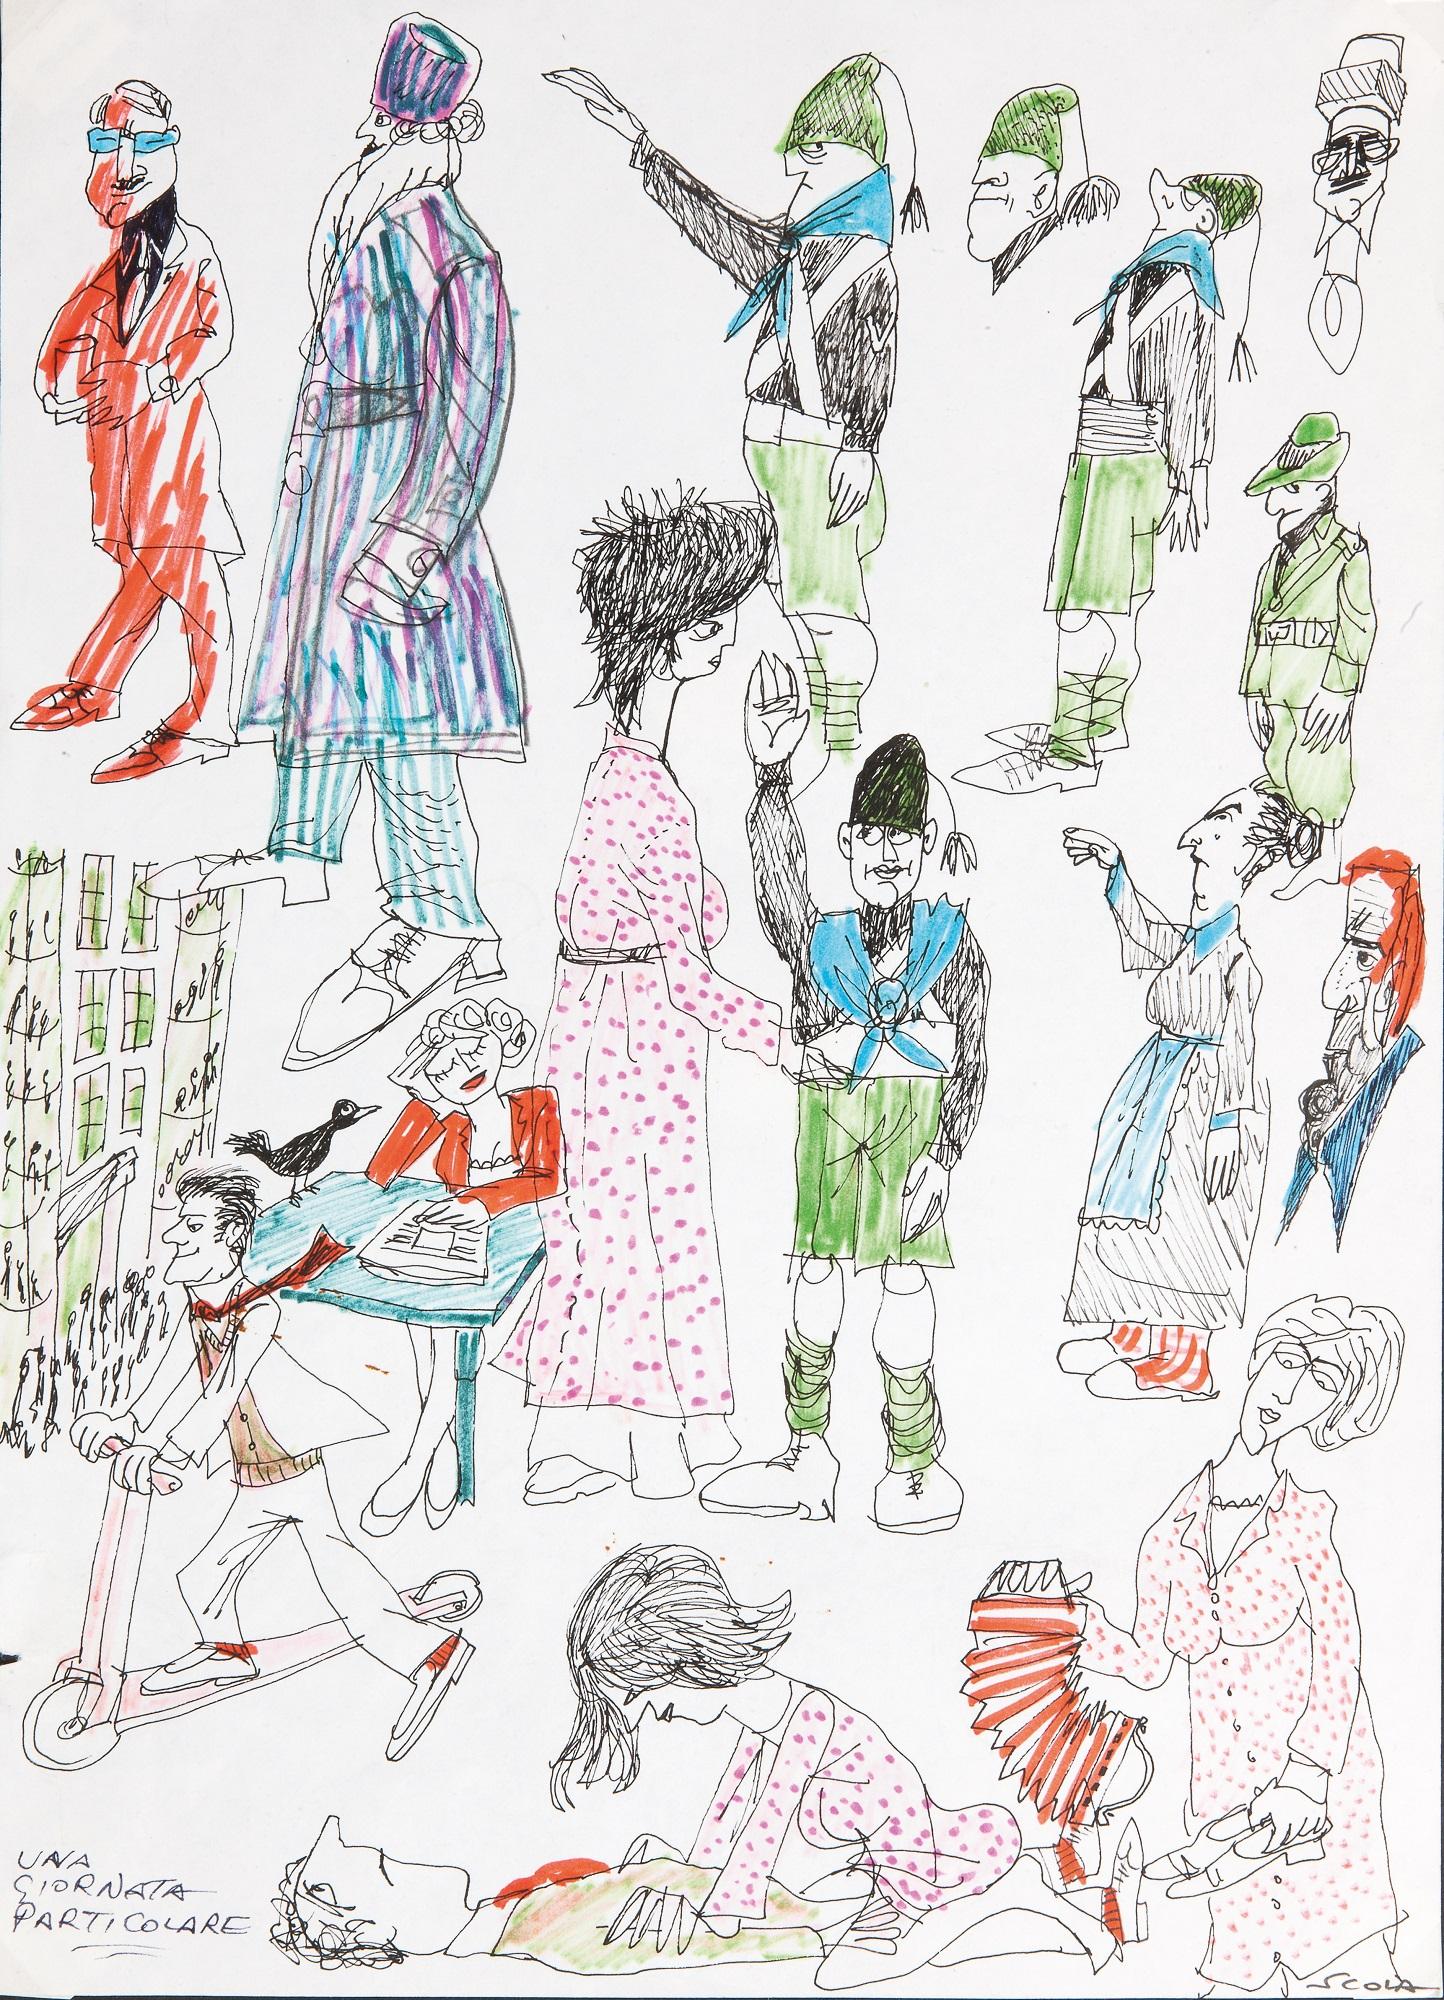 Disegno di Ettore Scola con tutti i personaggi di Una giornata Particolare. A pochi mesi dalla chiusura della mostra IL DI/SEGNO DEL CINEMA, muore Ettore Scola, che con i suoi disegni è stato uno dei principali fautori del successo dell'esposizione cagliaritana.